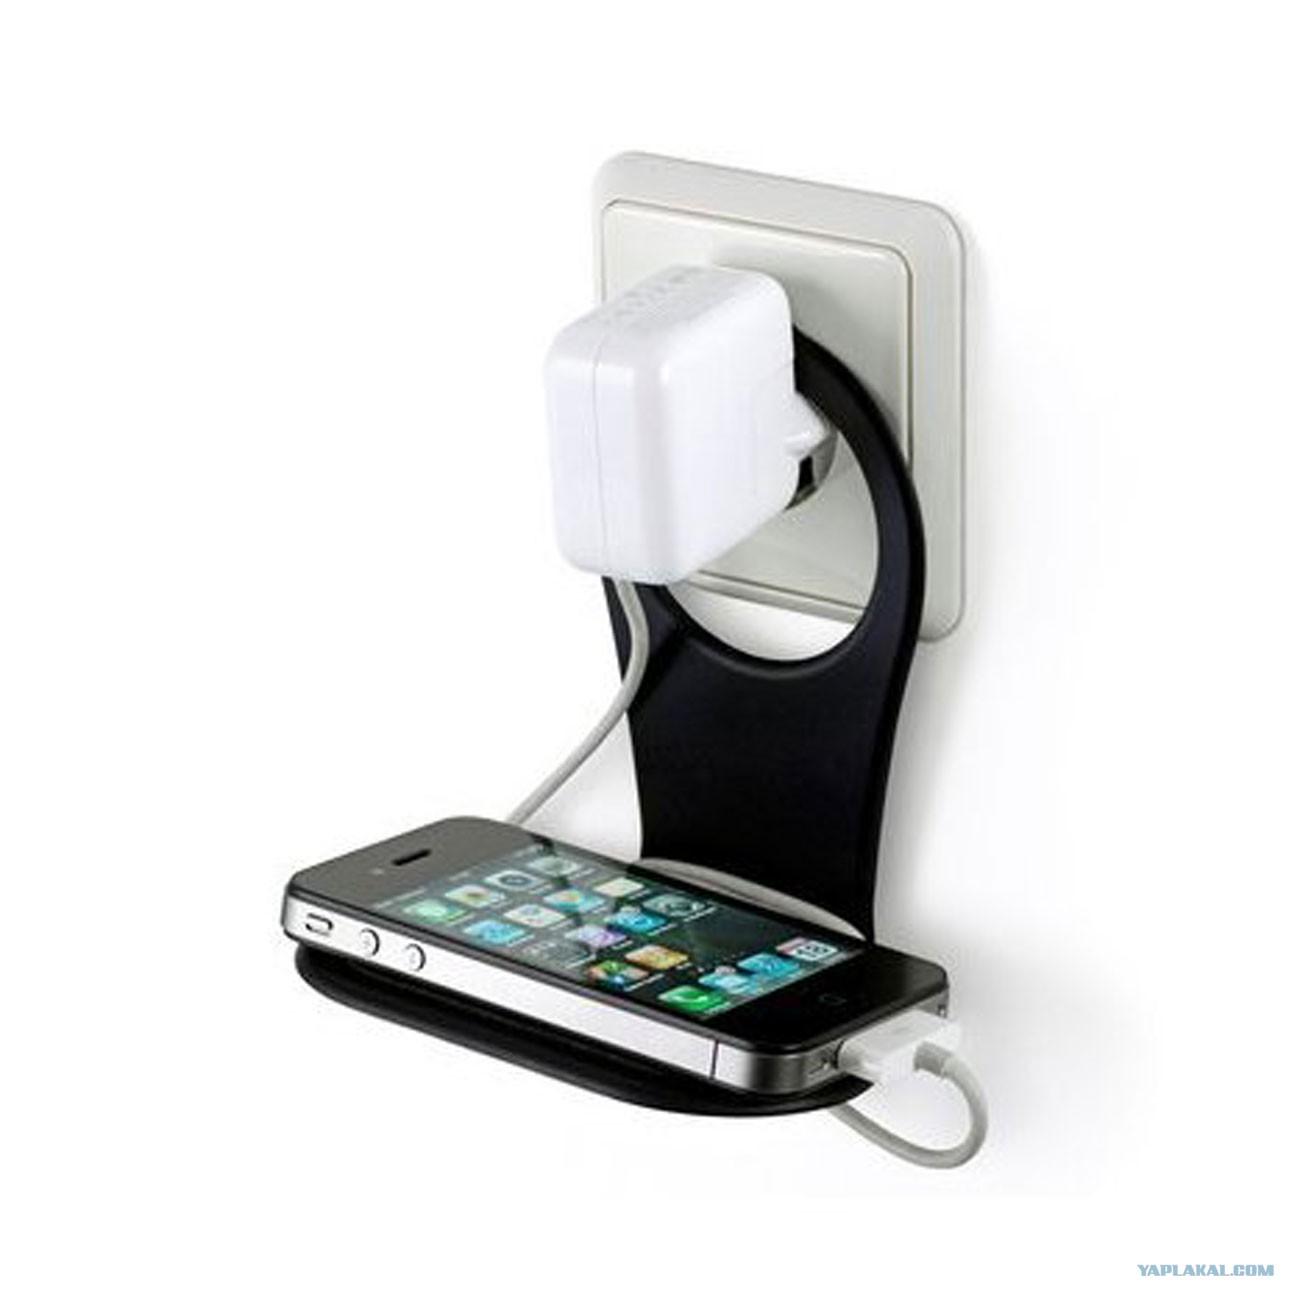 Как сделать подставку для телефона с зарядкой своими руками